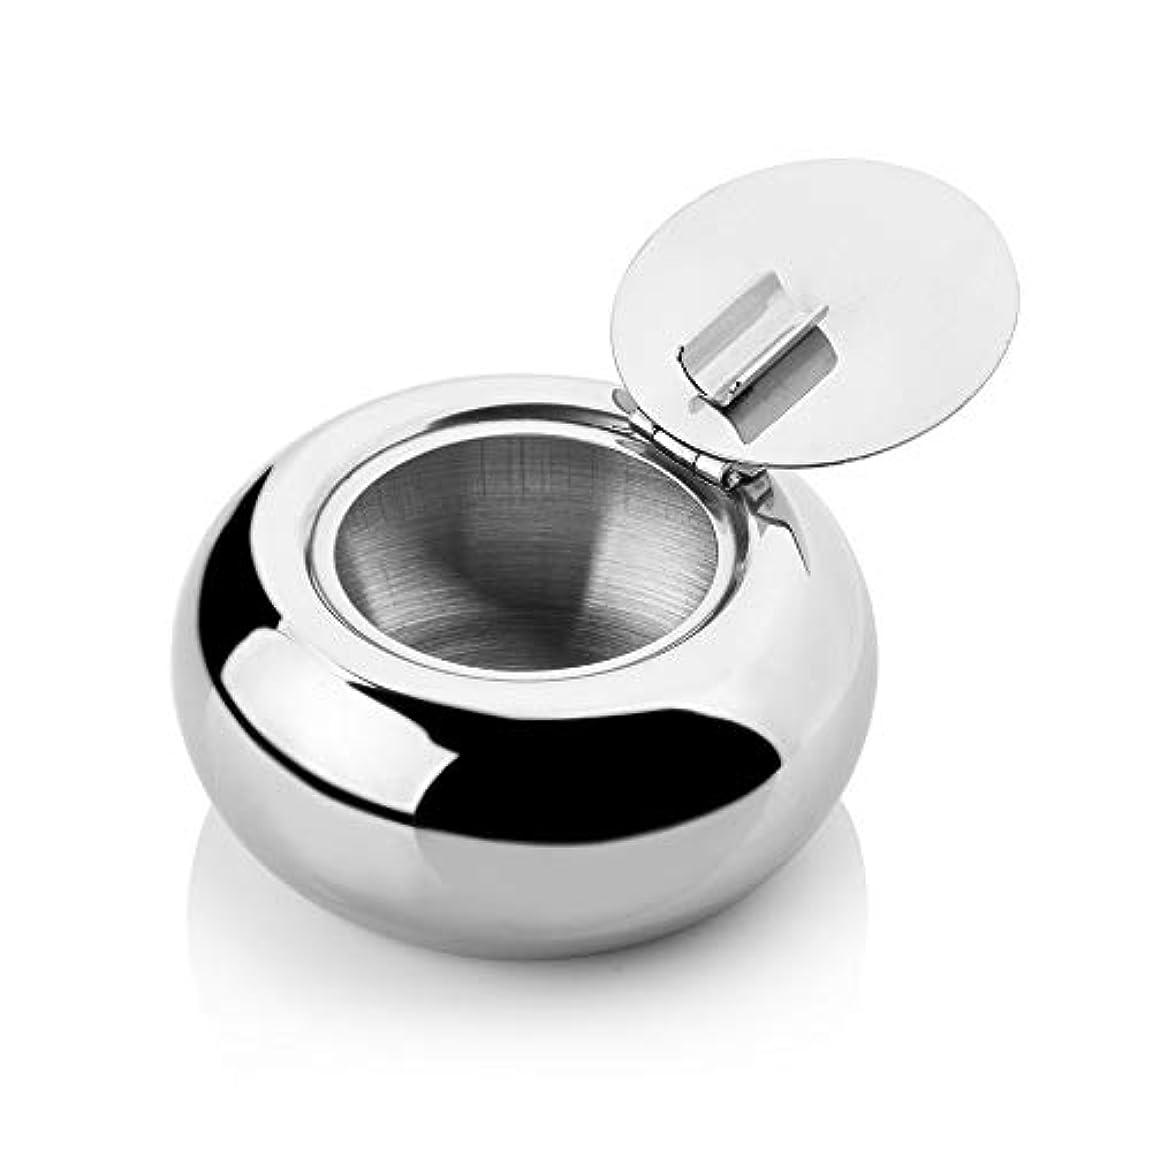 ことわざに慣れ悲しいステンレス鋼の覆われた灰皿、屋内/屋外の普遍的な灰皿、きれいにすること容易防風の灰皿 (色 : M)